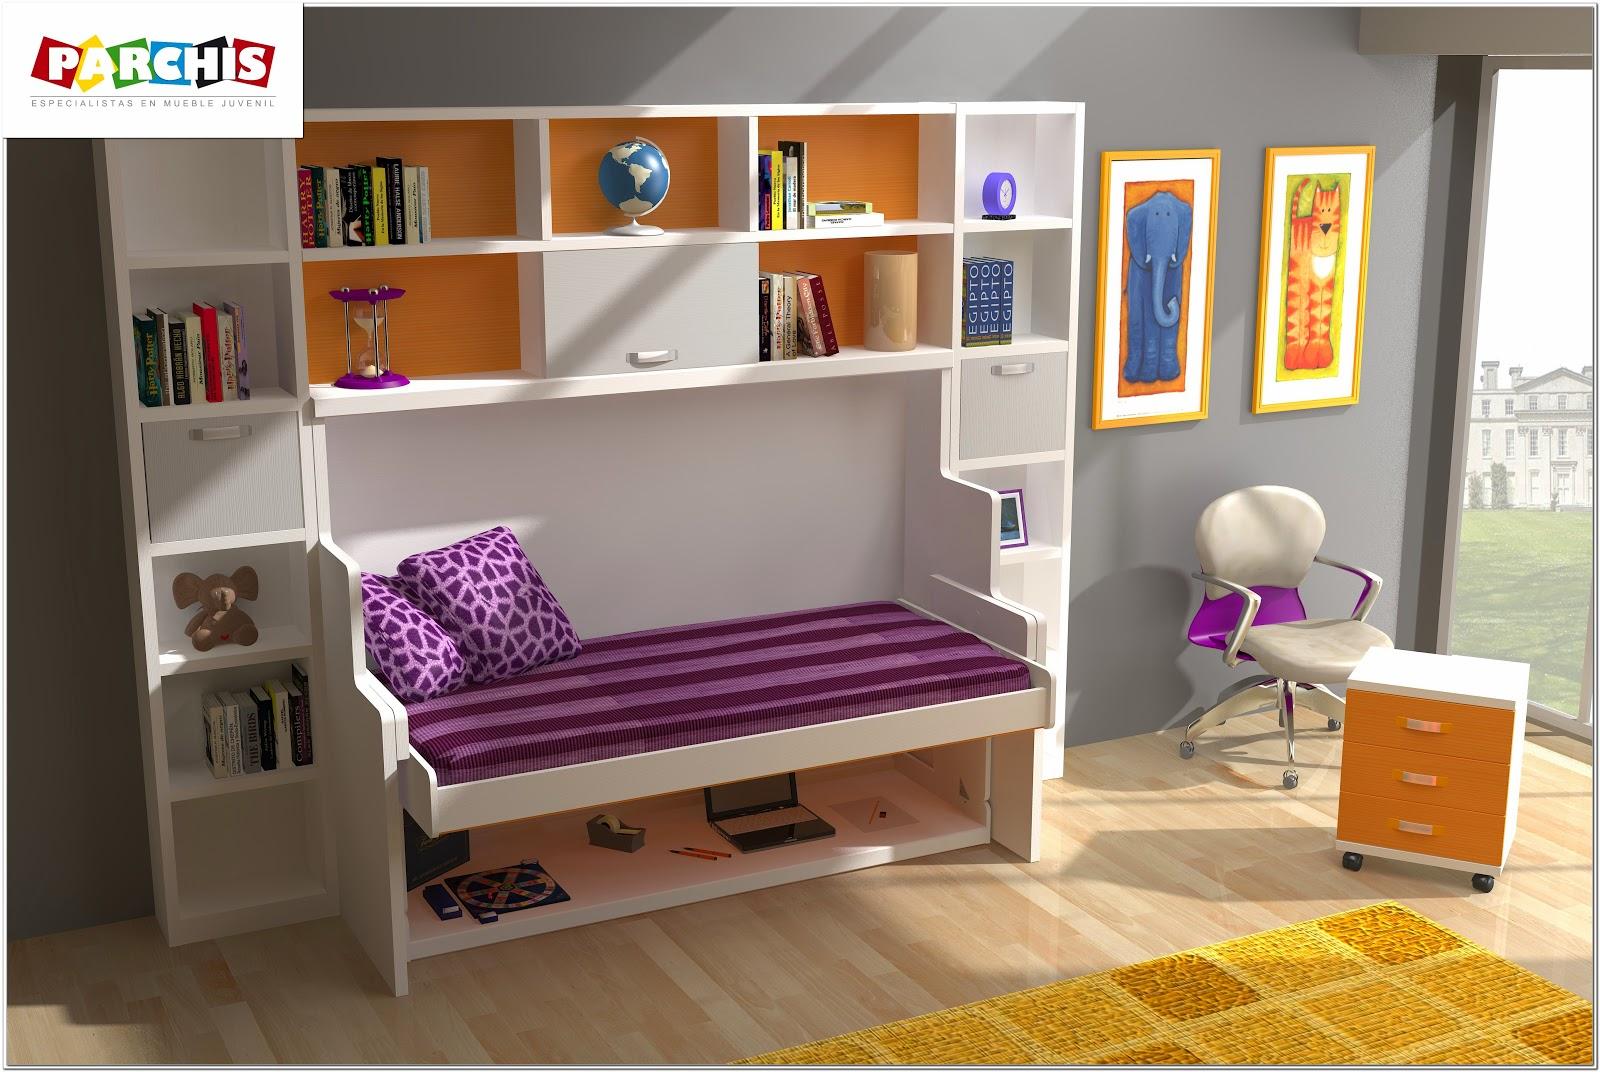 Muebles juveniles dormitorios infantiles y habitaciones juveniles en madrid son seguras las - Camas abatibles literas ...